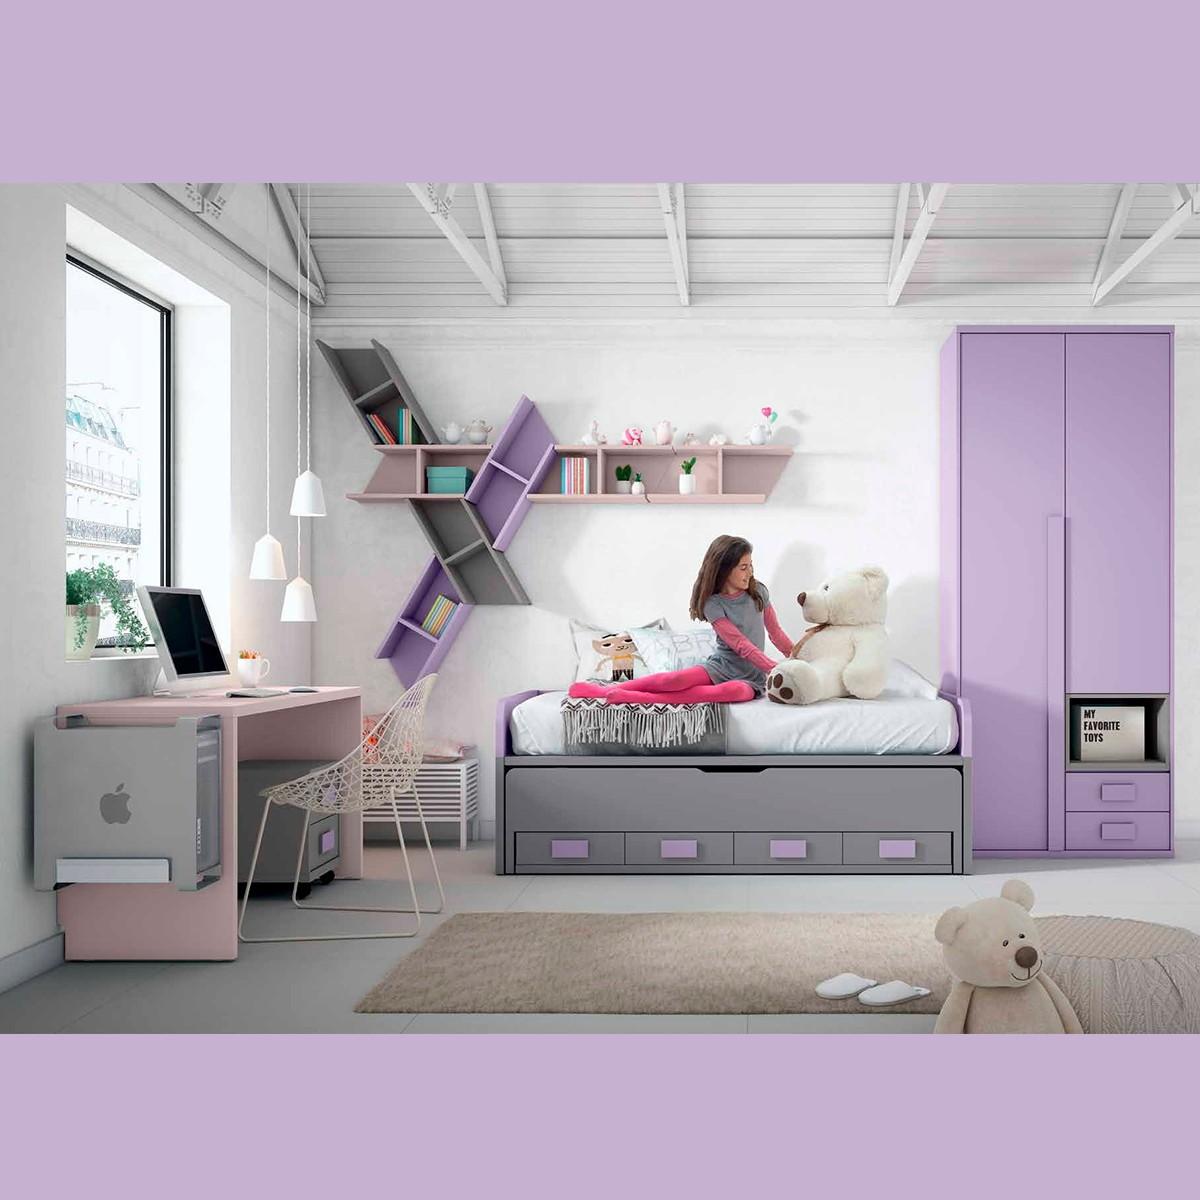 Dormitorio Juvenil Personalizable